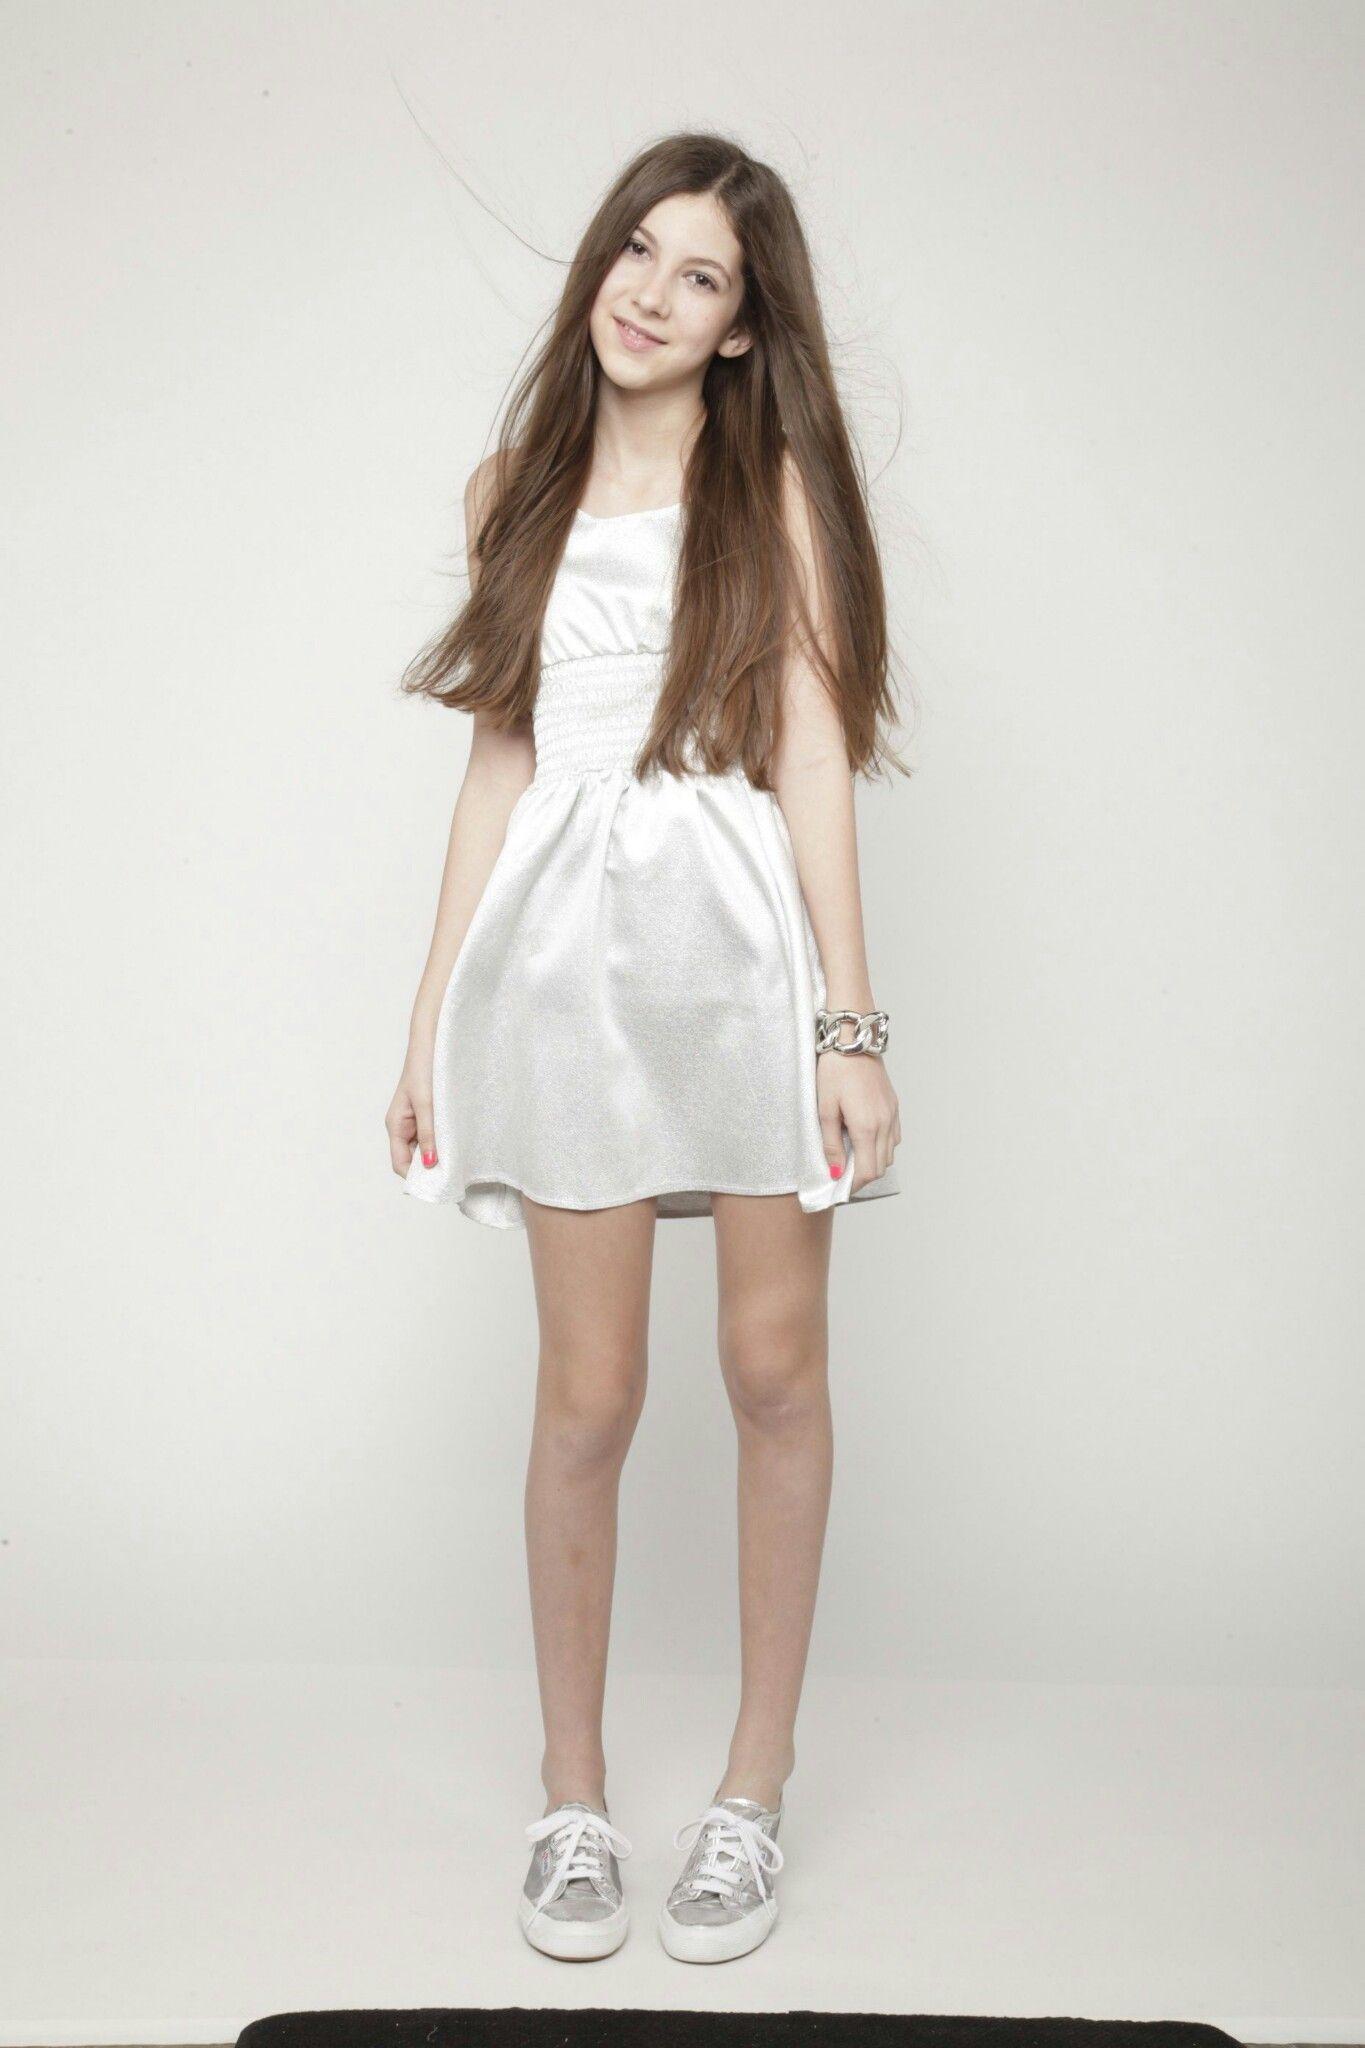 Nicolle teen model